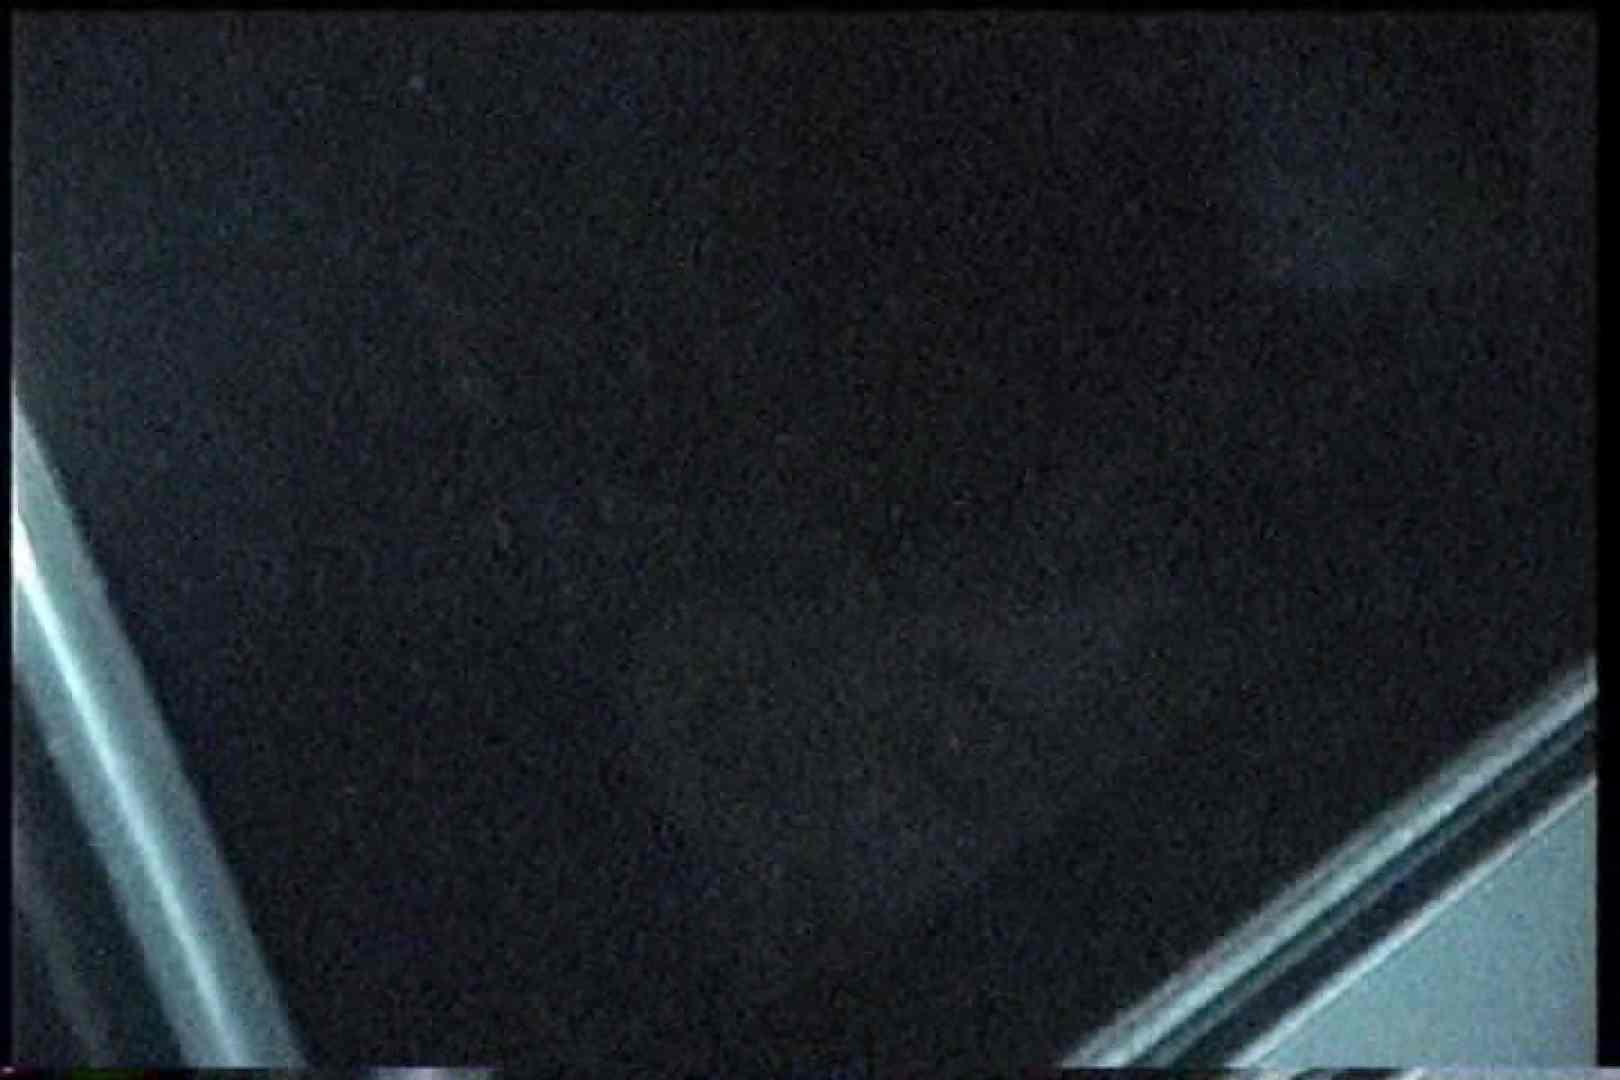 充血監督の深夜の運動会Vol.167 エロティックなOL おまんこ無修正動画無料 103画像 95